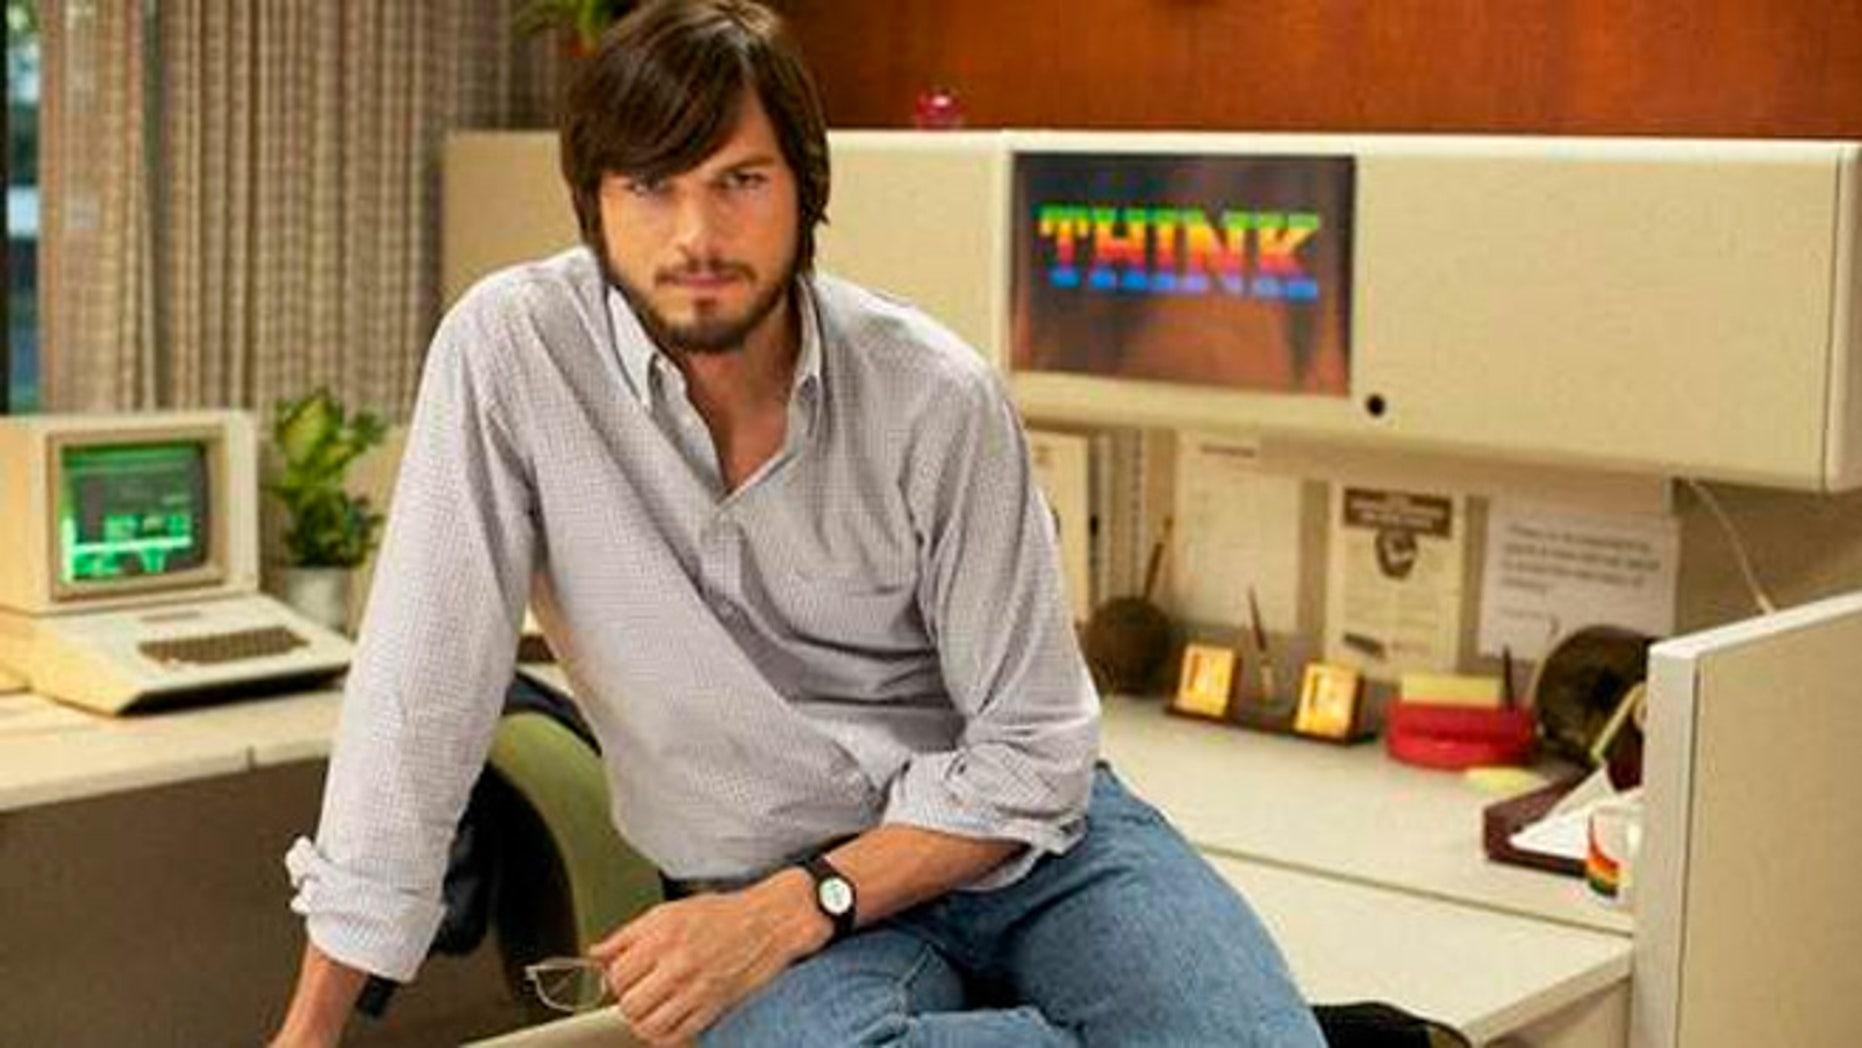 Sundance has released this image of Ashton Kutcher as Steve Jobs.